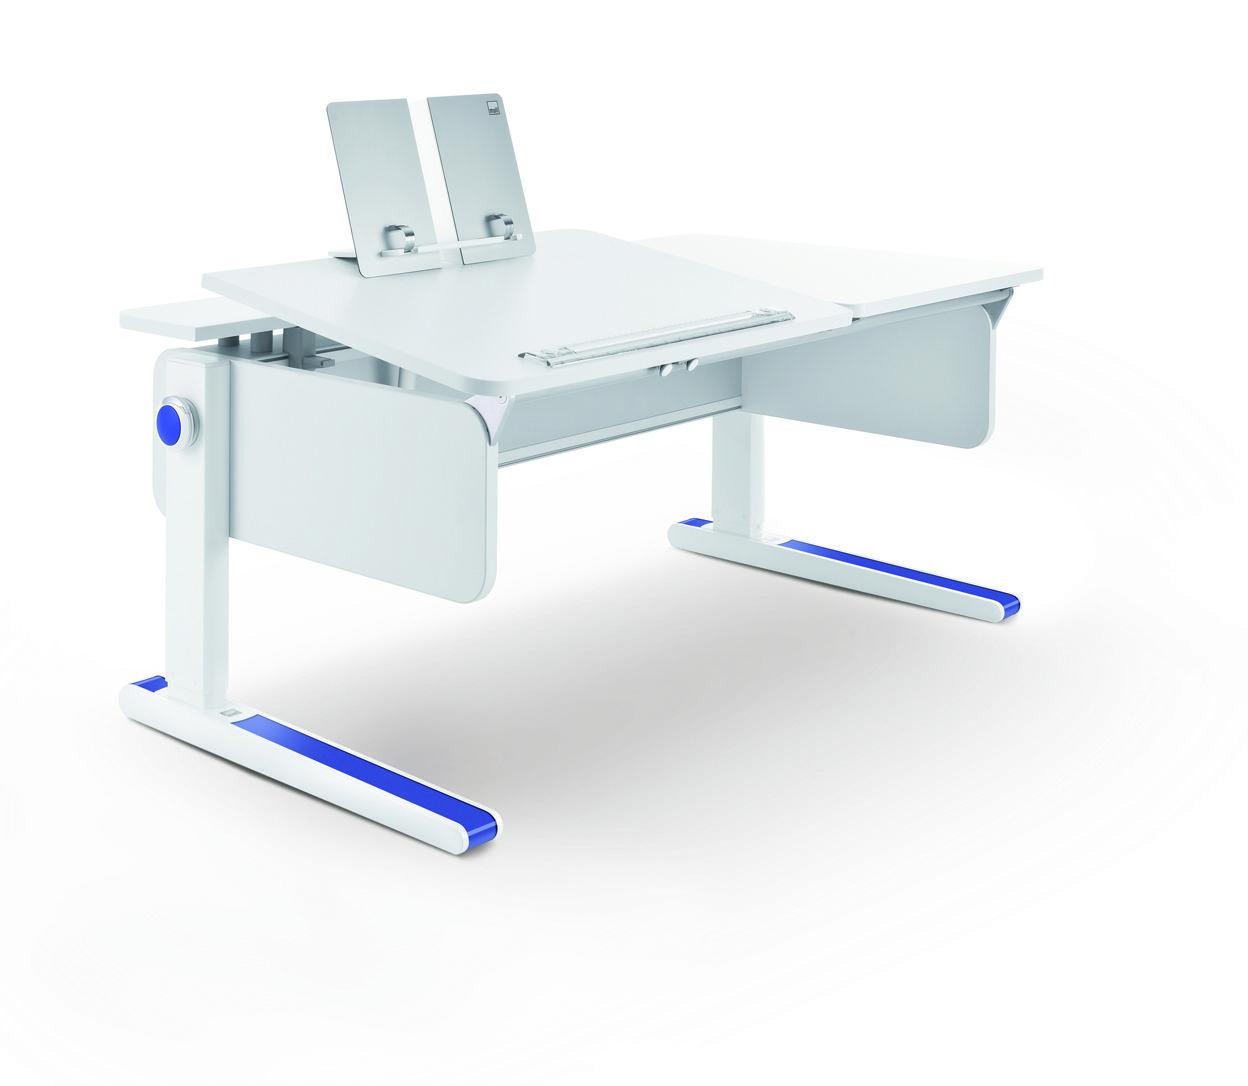 The Champion By Moll Left Up Tilting Desk Top Adjustable Desk Collaborative Desk Desk